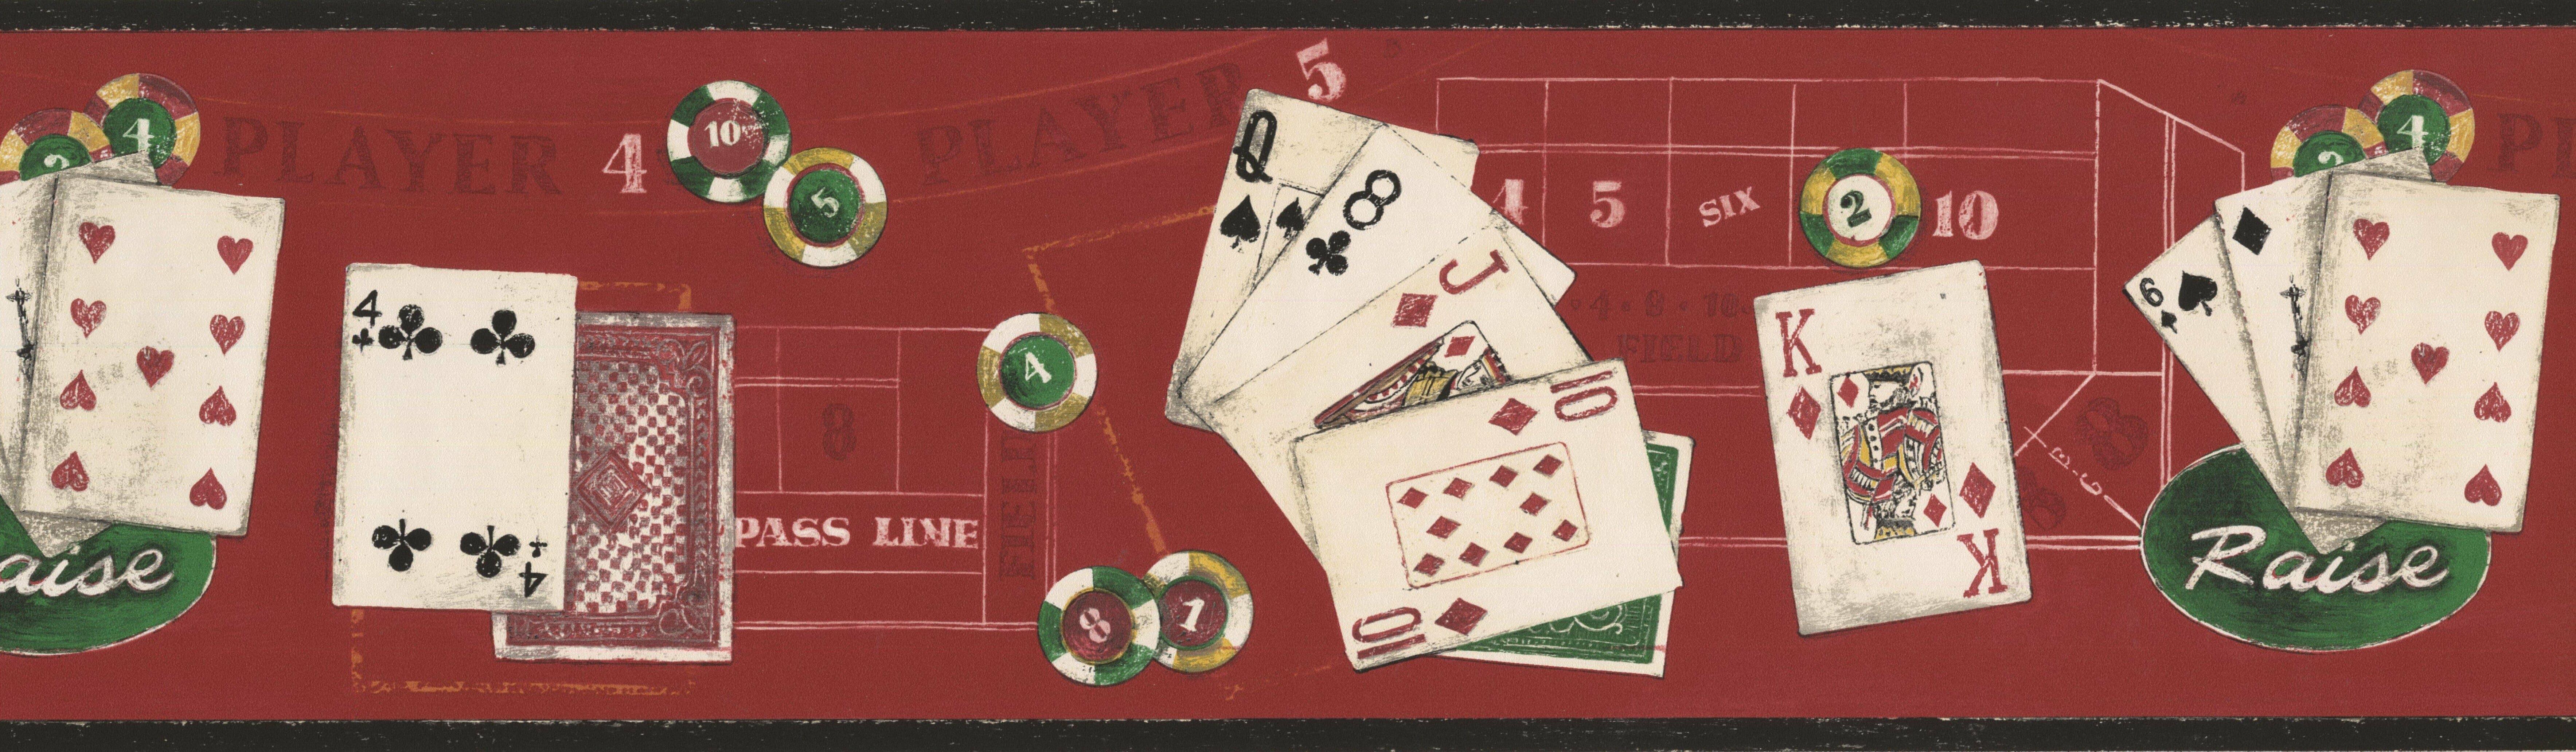 Winston Porter Detweiler Poker Chips Cards On Casino Table 15 L X